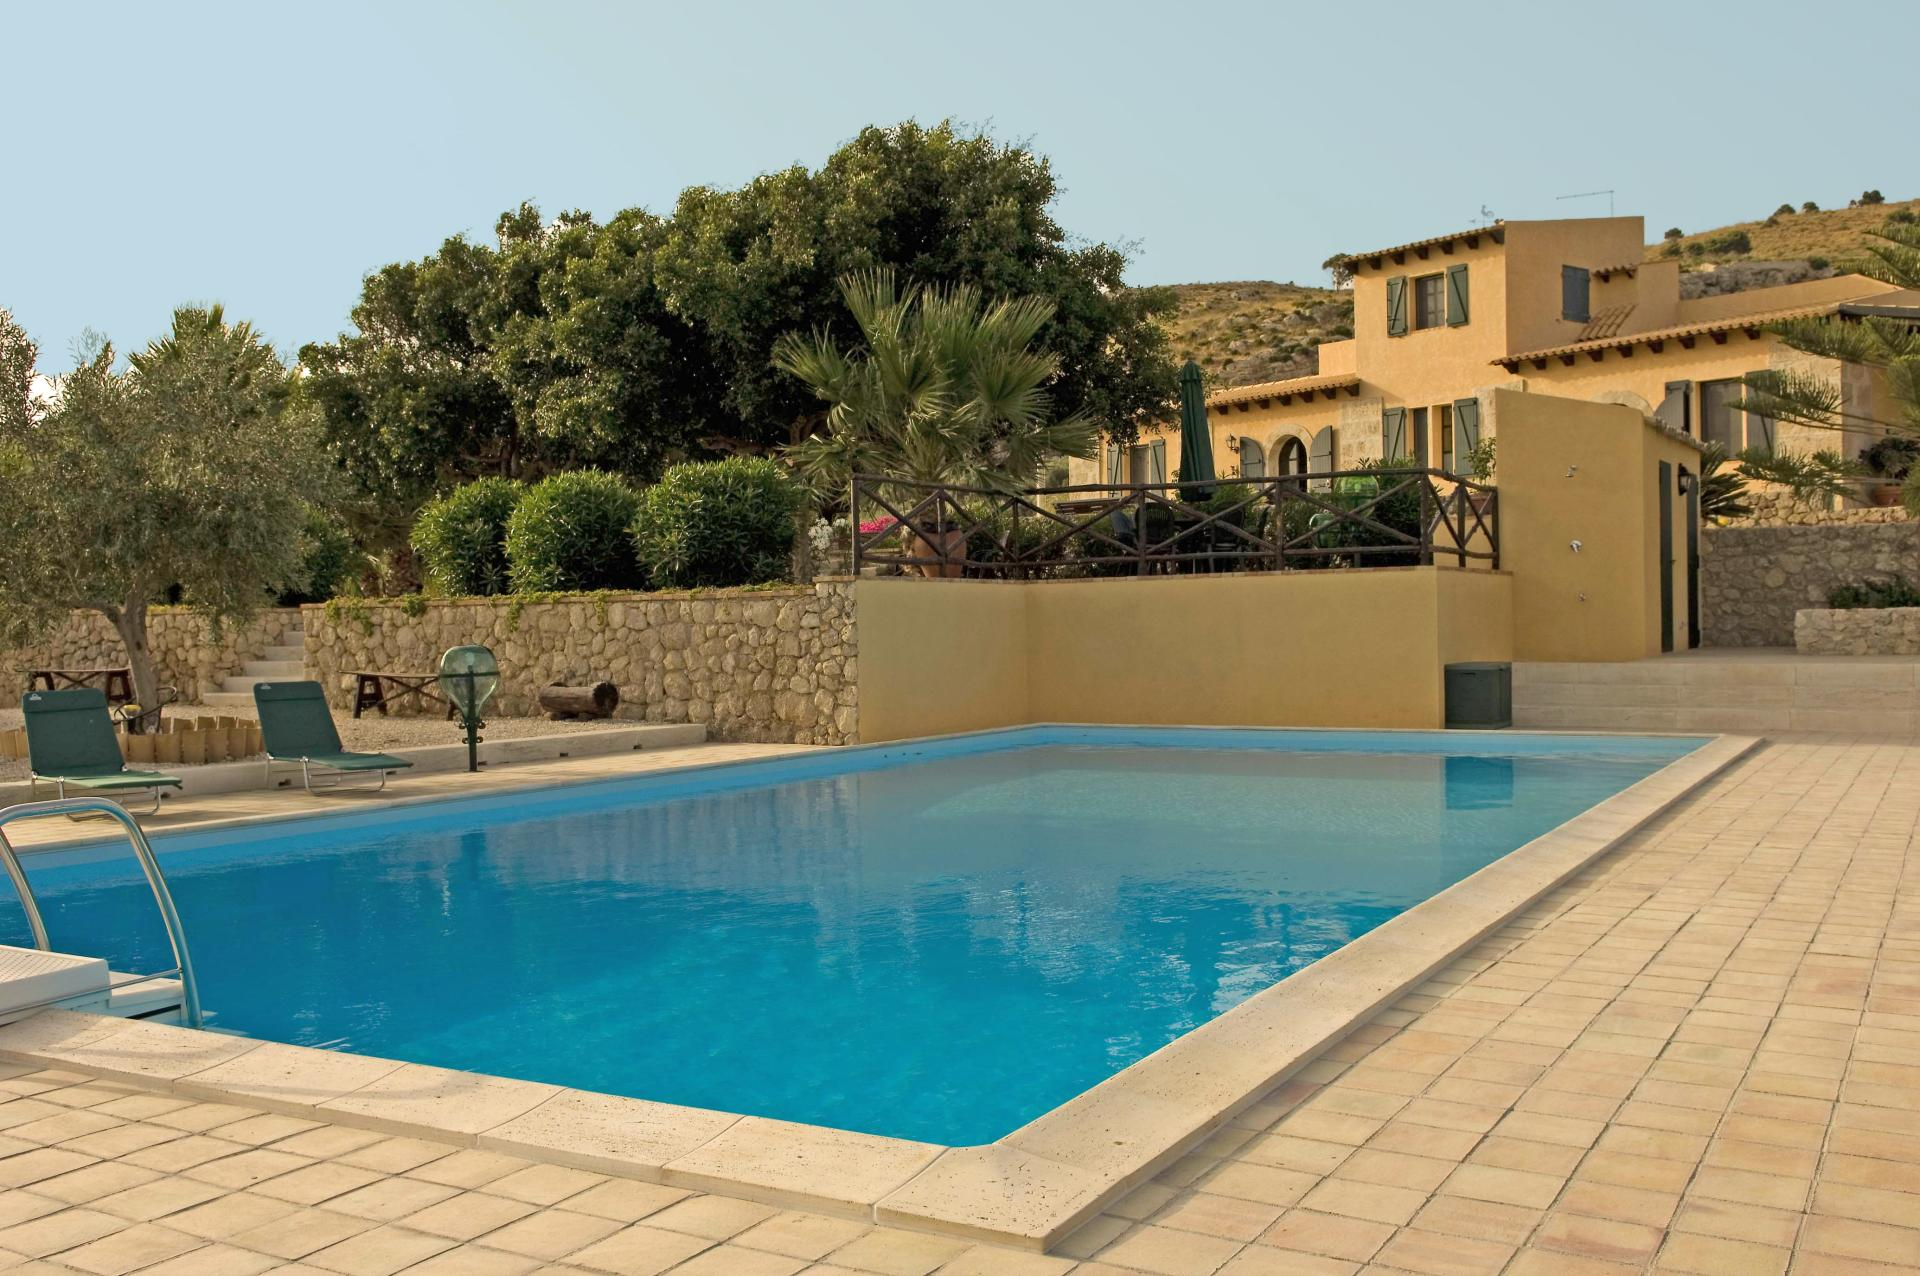 Outdoor pool 1, Casa Licata, Sicily, Licata.